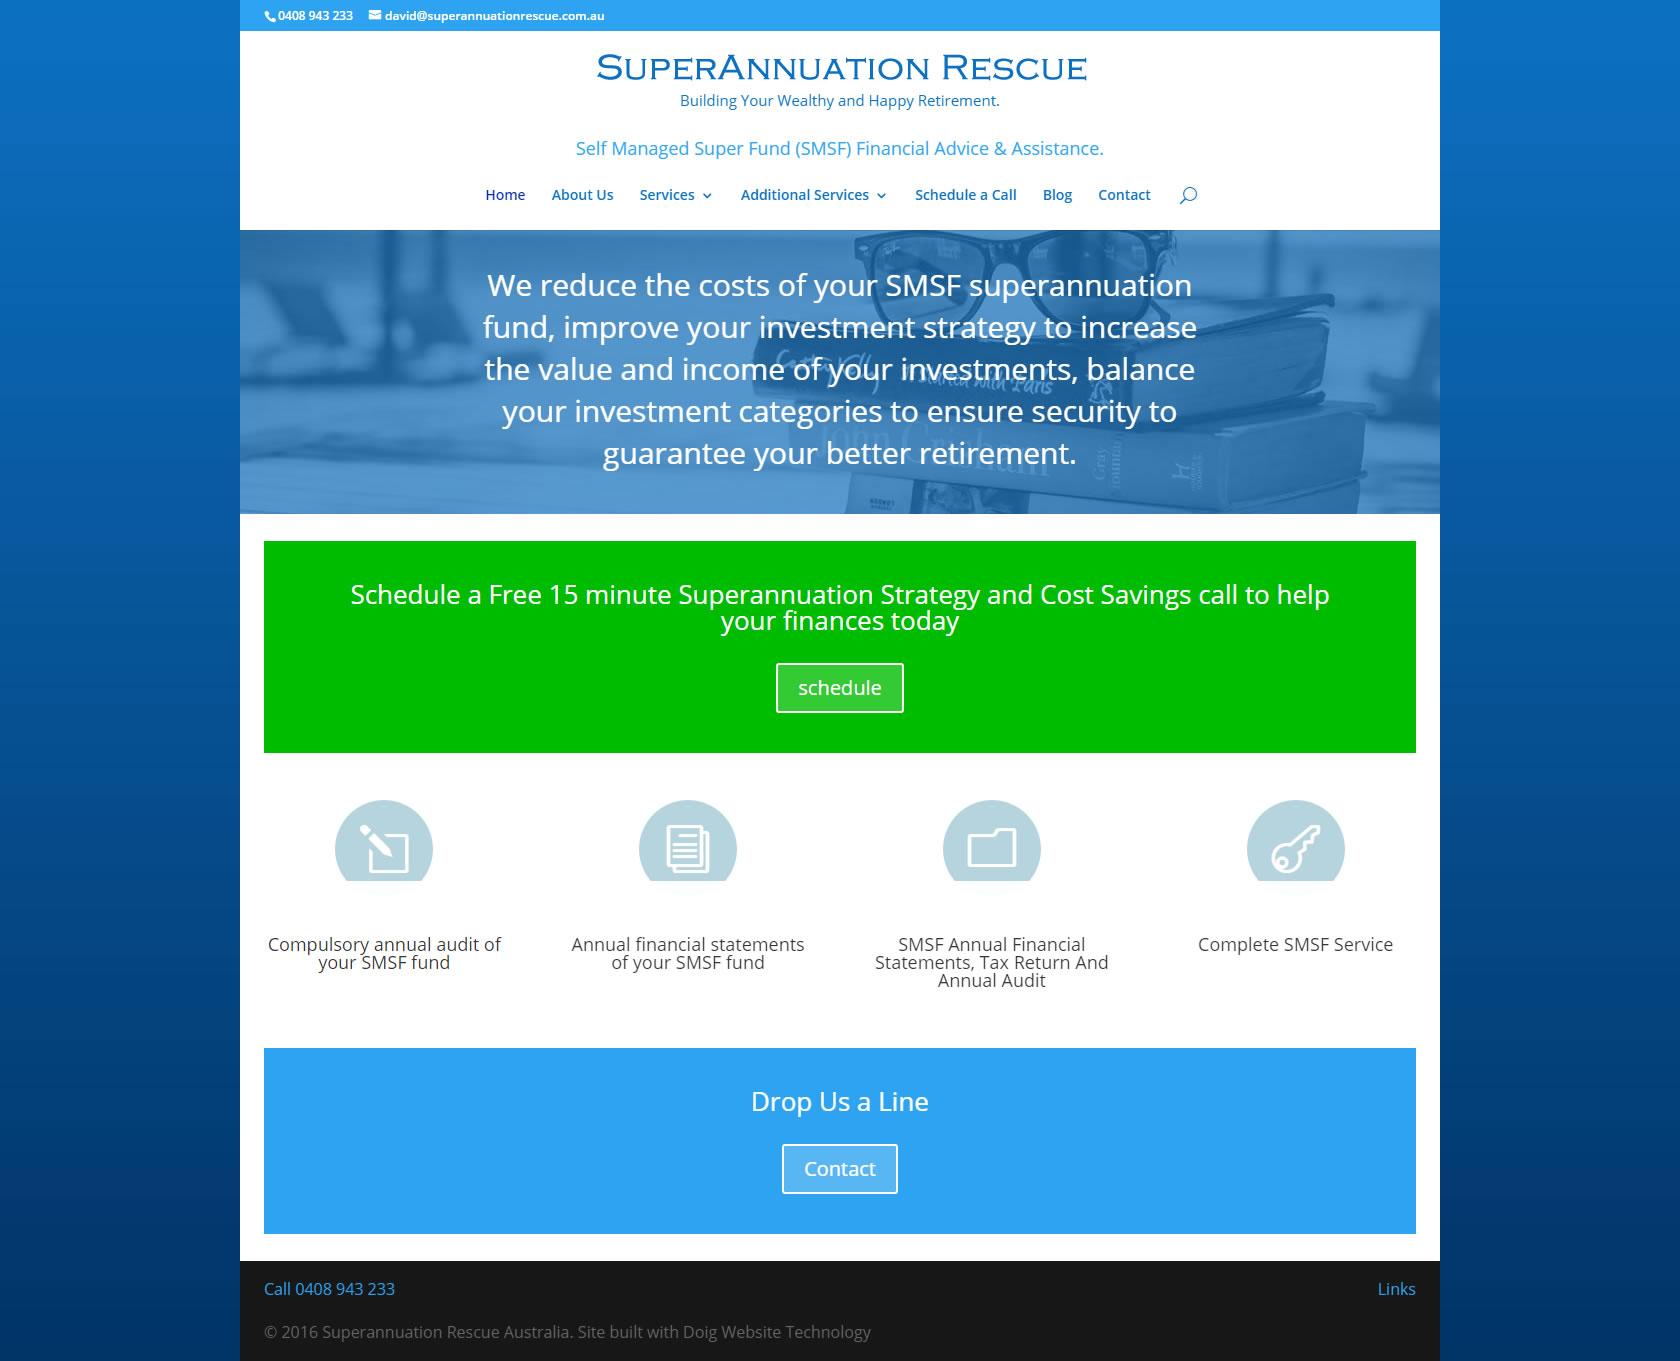 Superannuation Rescue Australia website